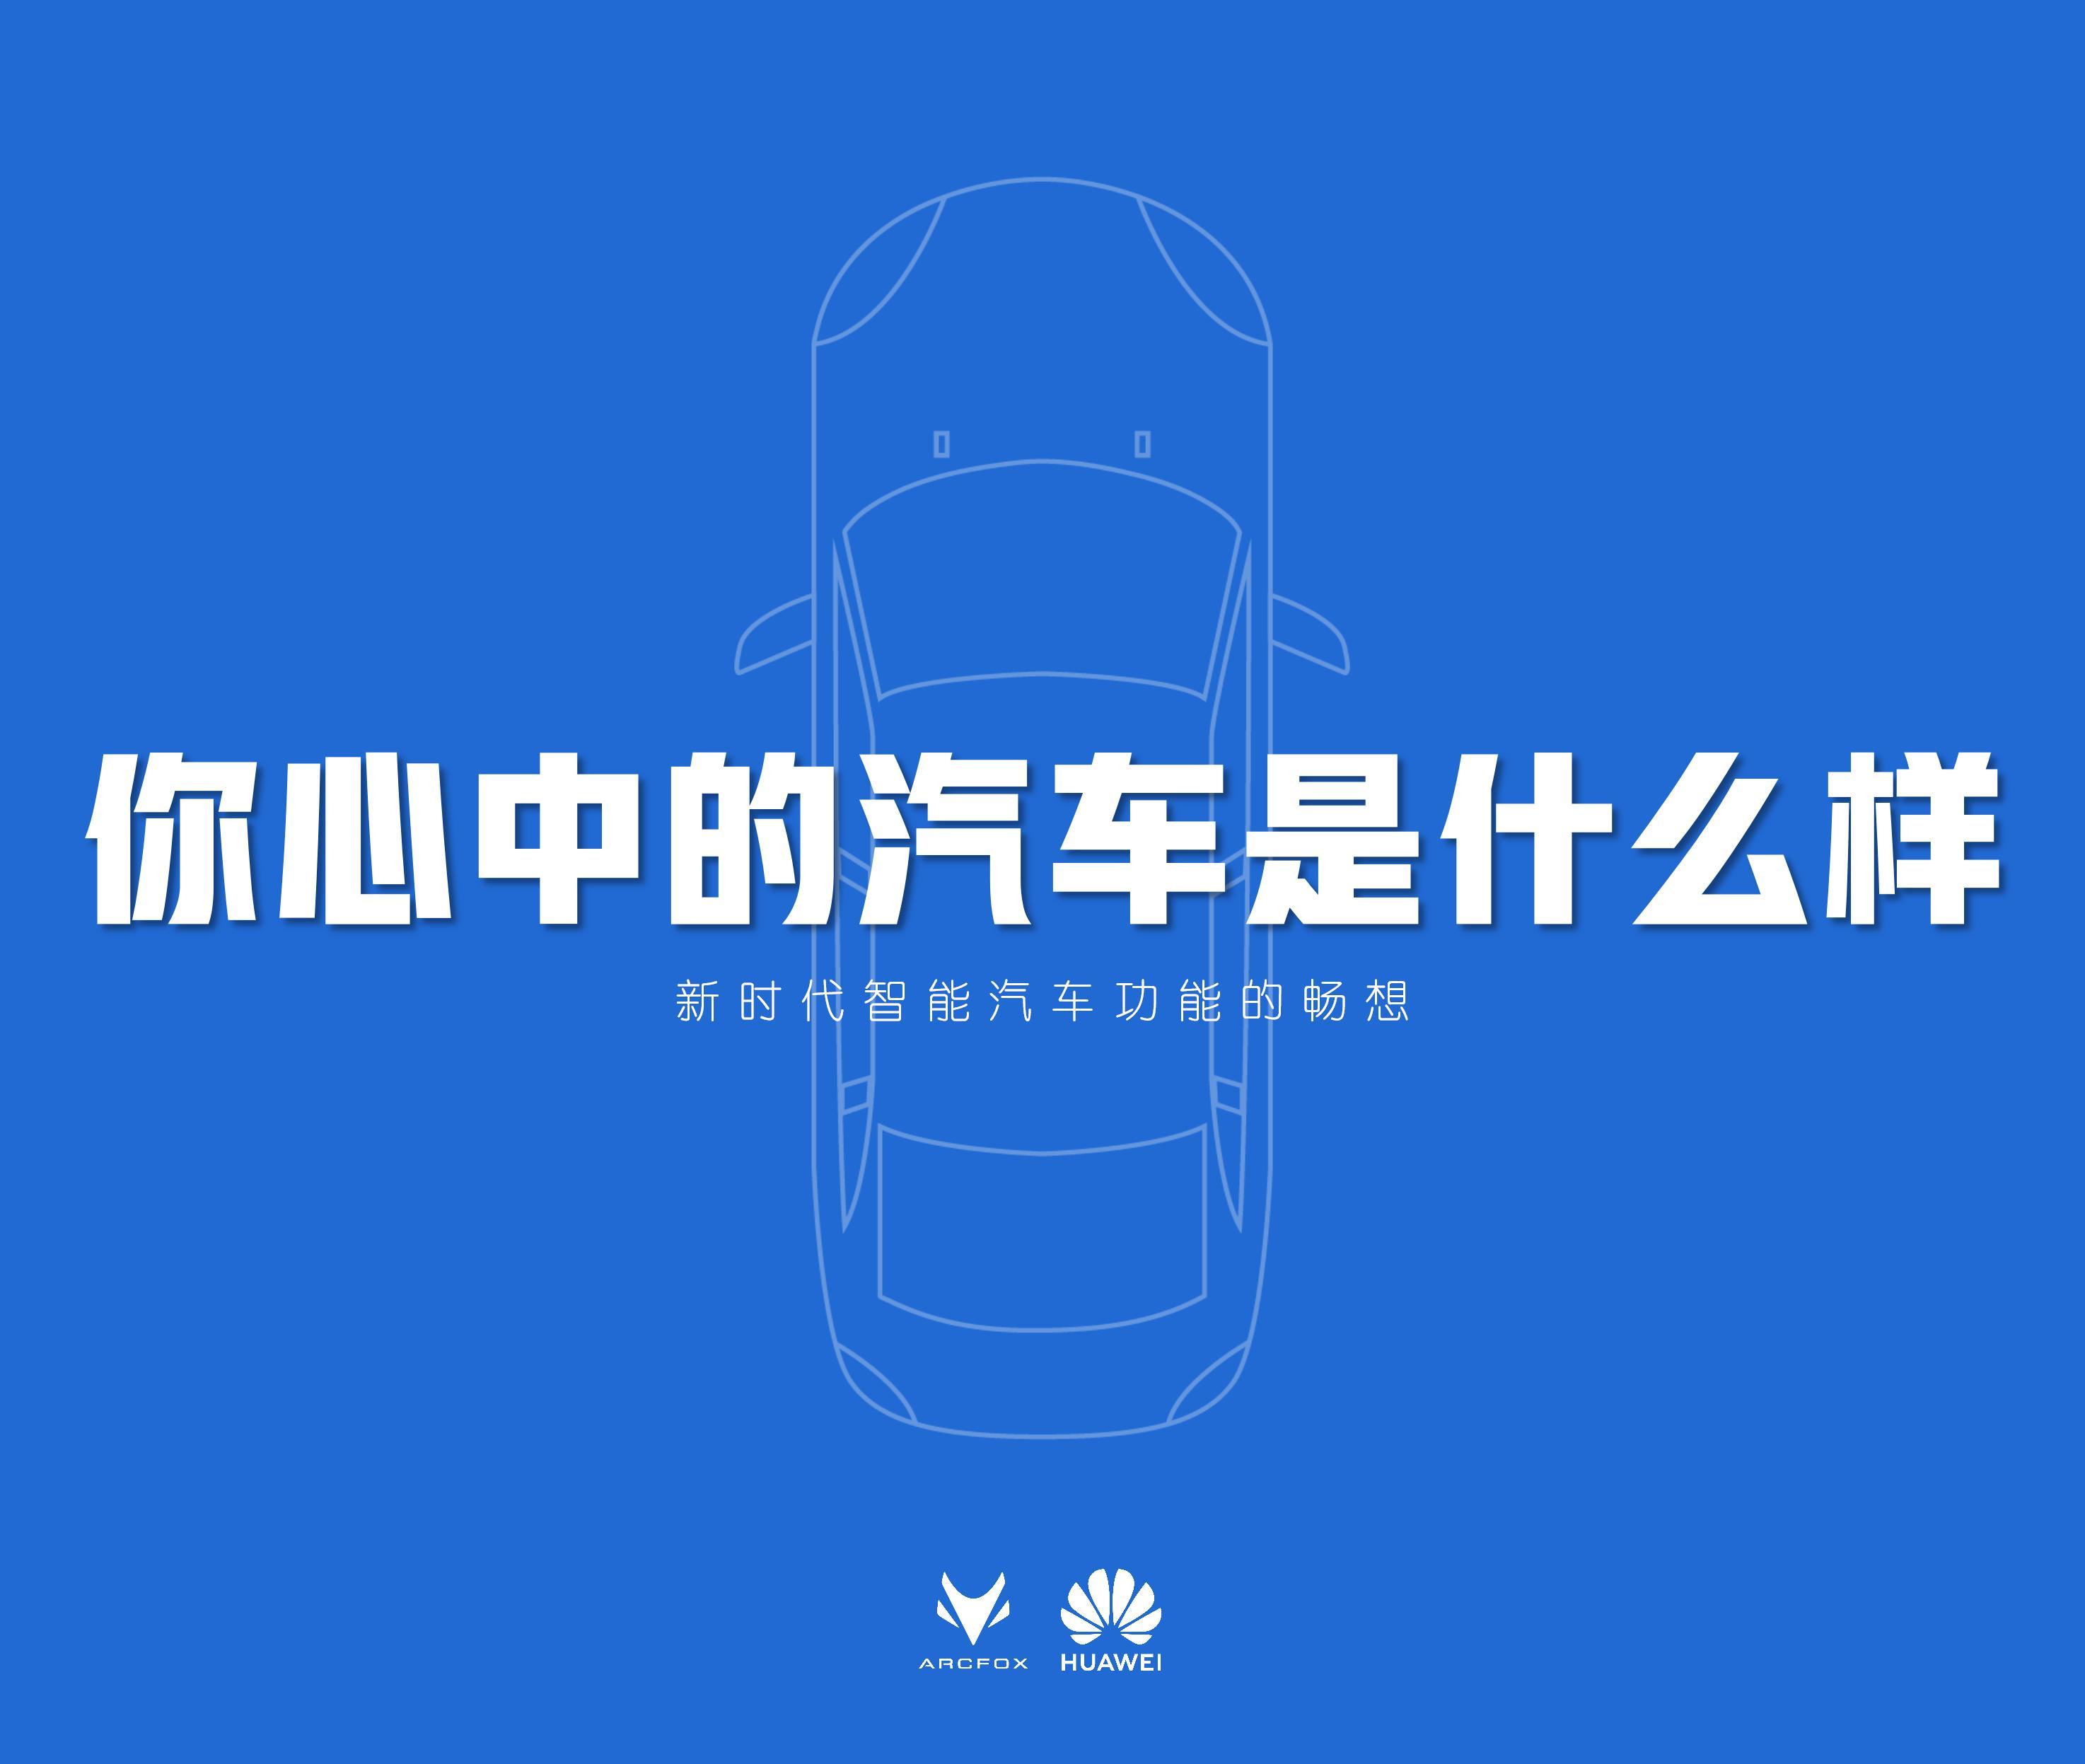 心中理想的新能源汽车_09.jpg